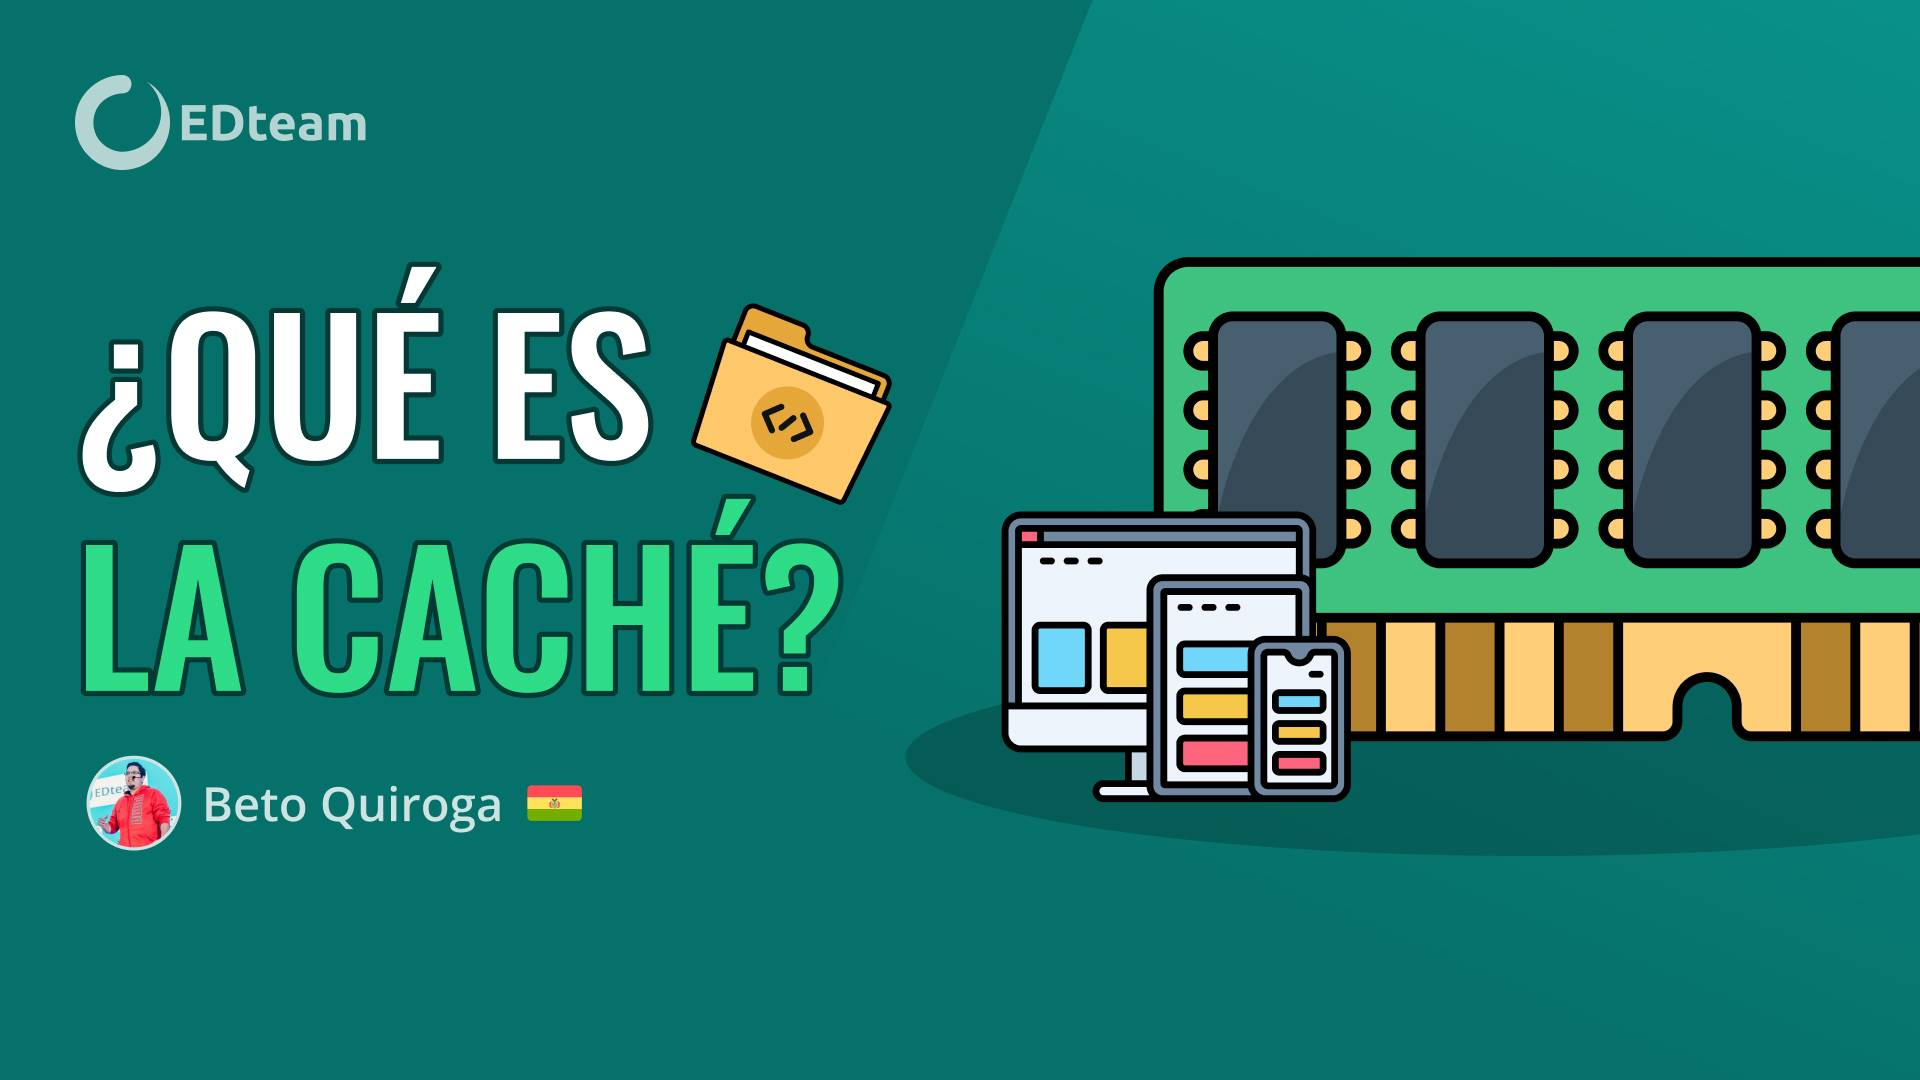 ¿Qué es la Caché?